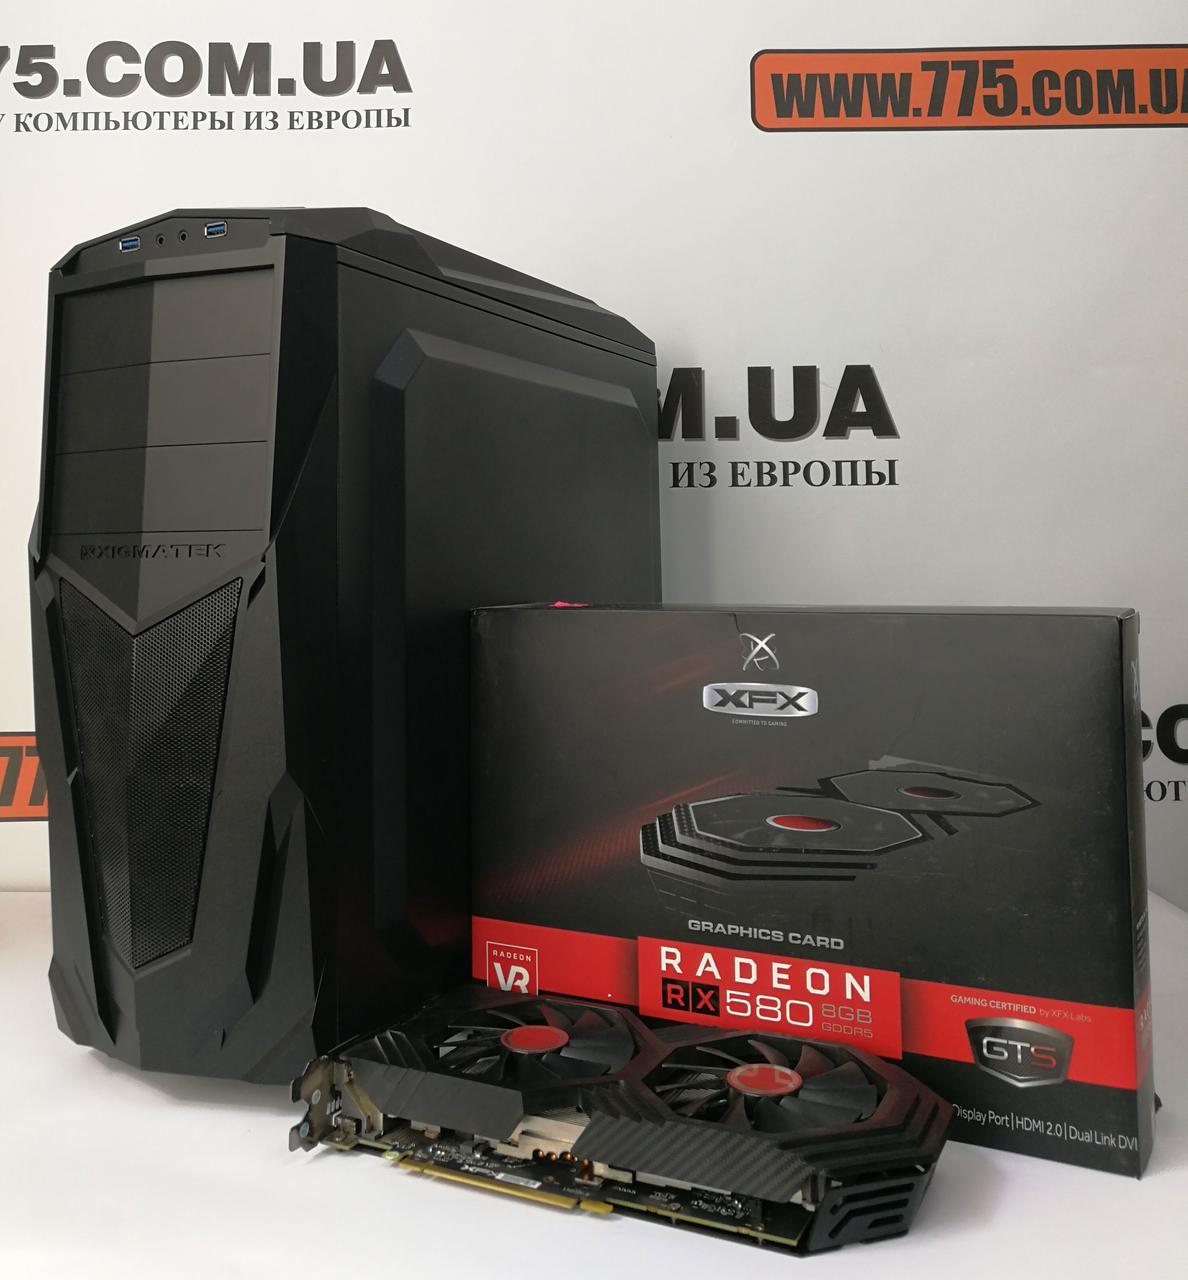 Игровой компьютер, Intel Core i5-4590 3.7GHz, RAM 8ГБ, SSD 120ГБ + HDD 500ГБ, RX 580 8ГБ, гарантия 6 мес!